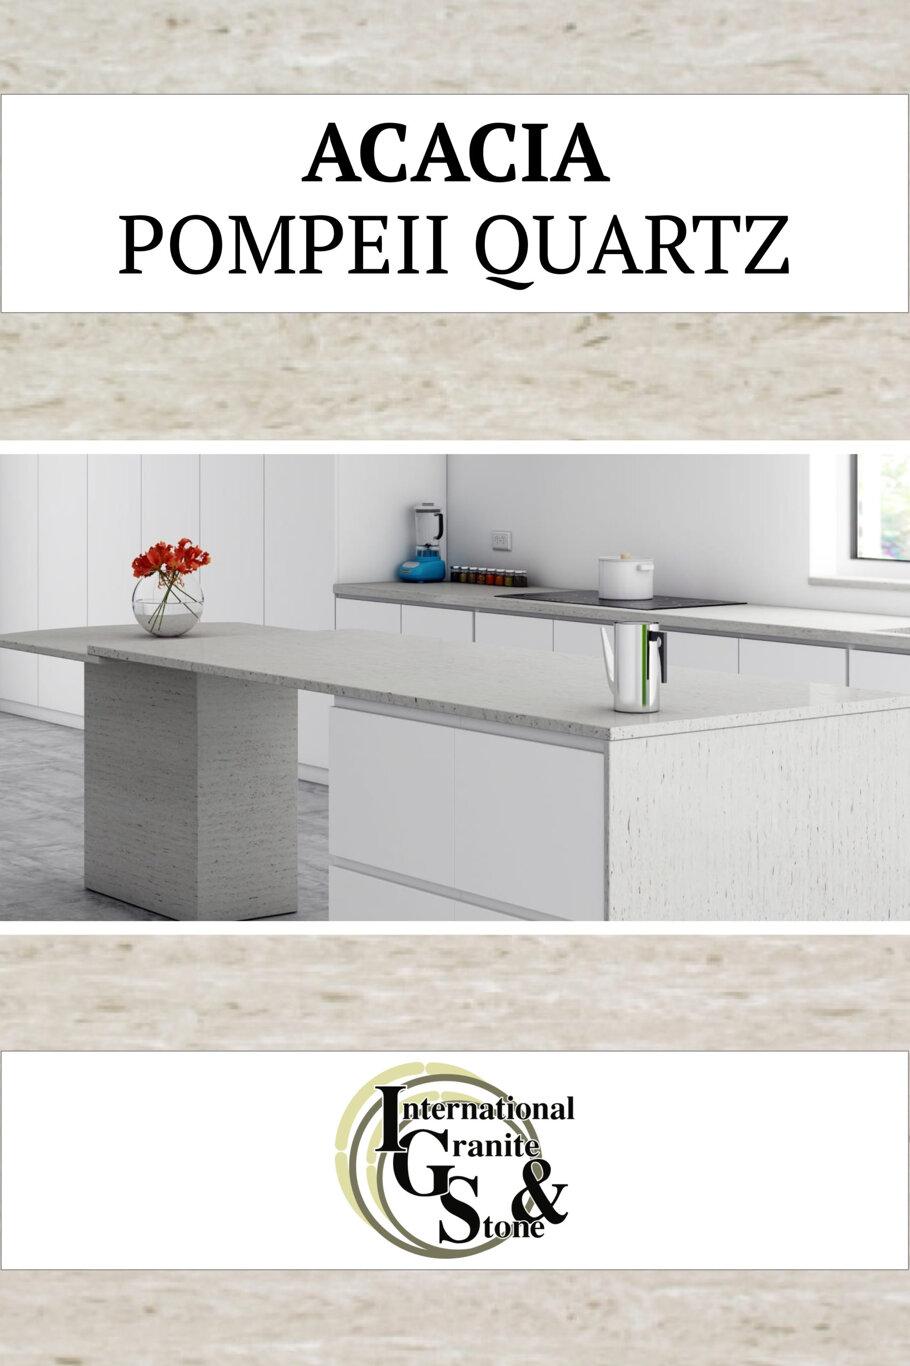 Acacia Pompeii Quartz Countertops